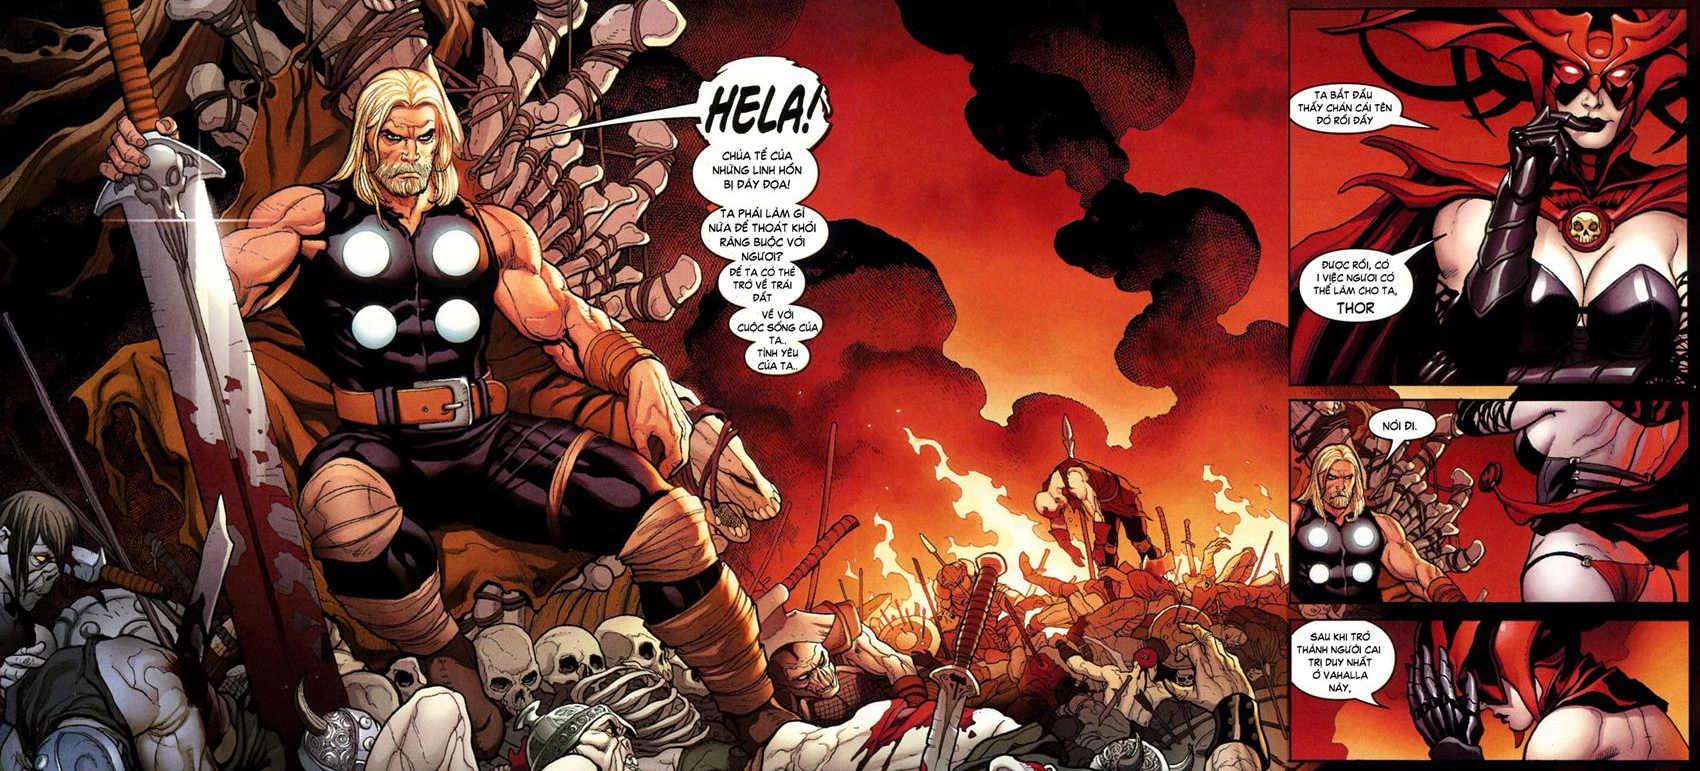 Todas las claves, guiños y referencias del trailer de 'Thor: Ragnarok'